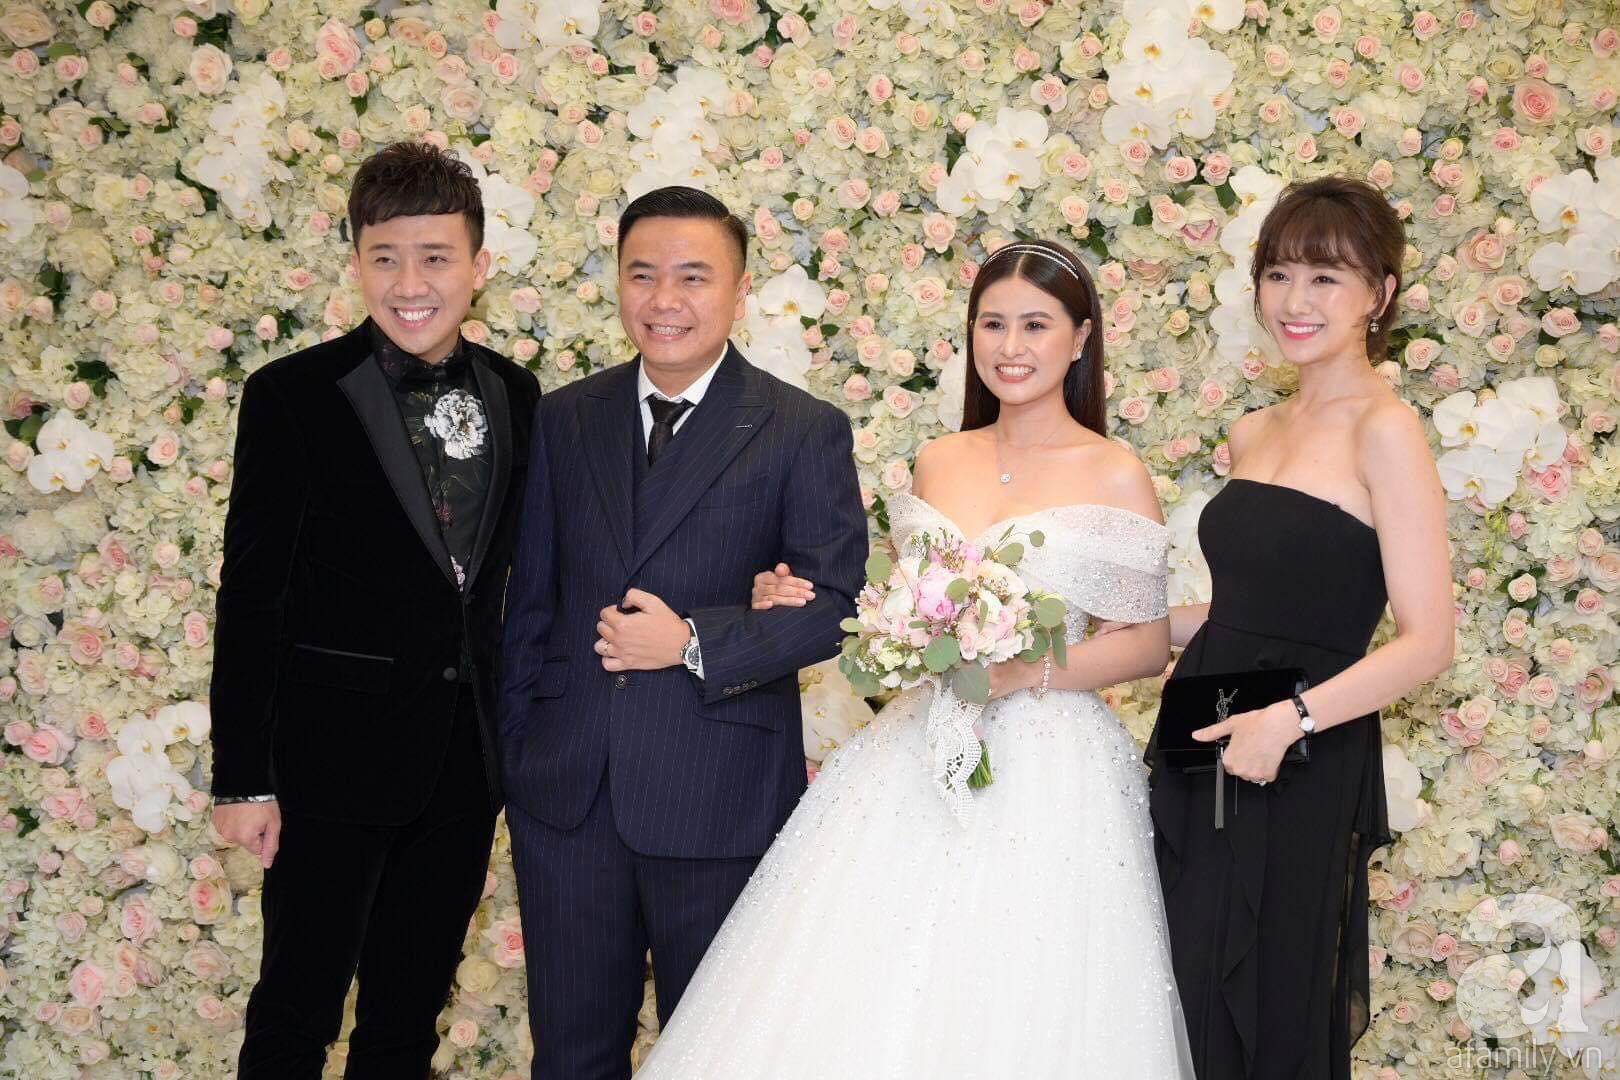 Trấn Thành - Hari Won, Ninh Dương Lan Ngọc cùng loạt sao Việt đến sự đám cưới đạo diễn Cua lại vợ bầu - Ảnh 2.